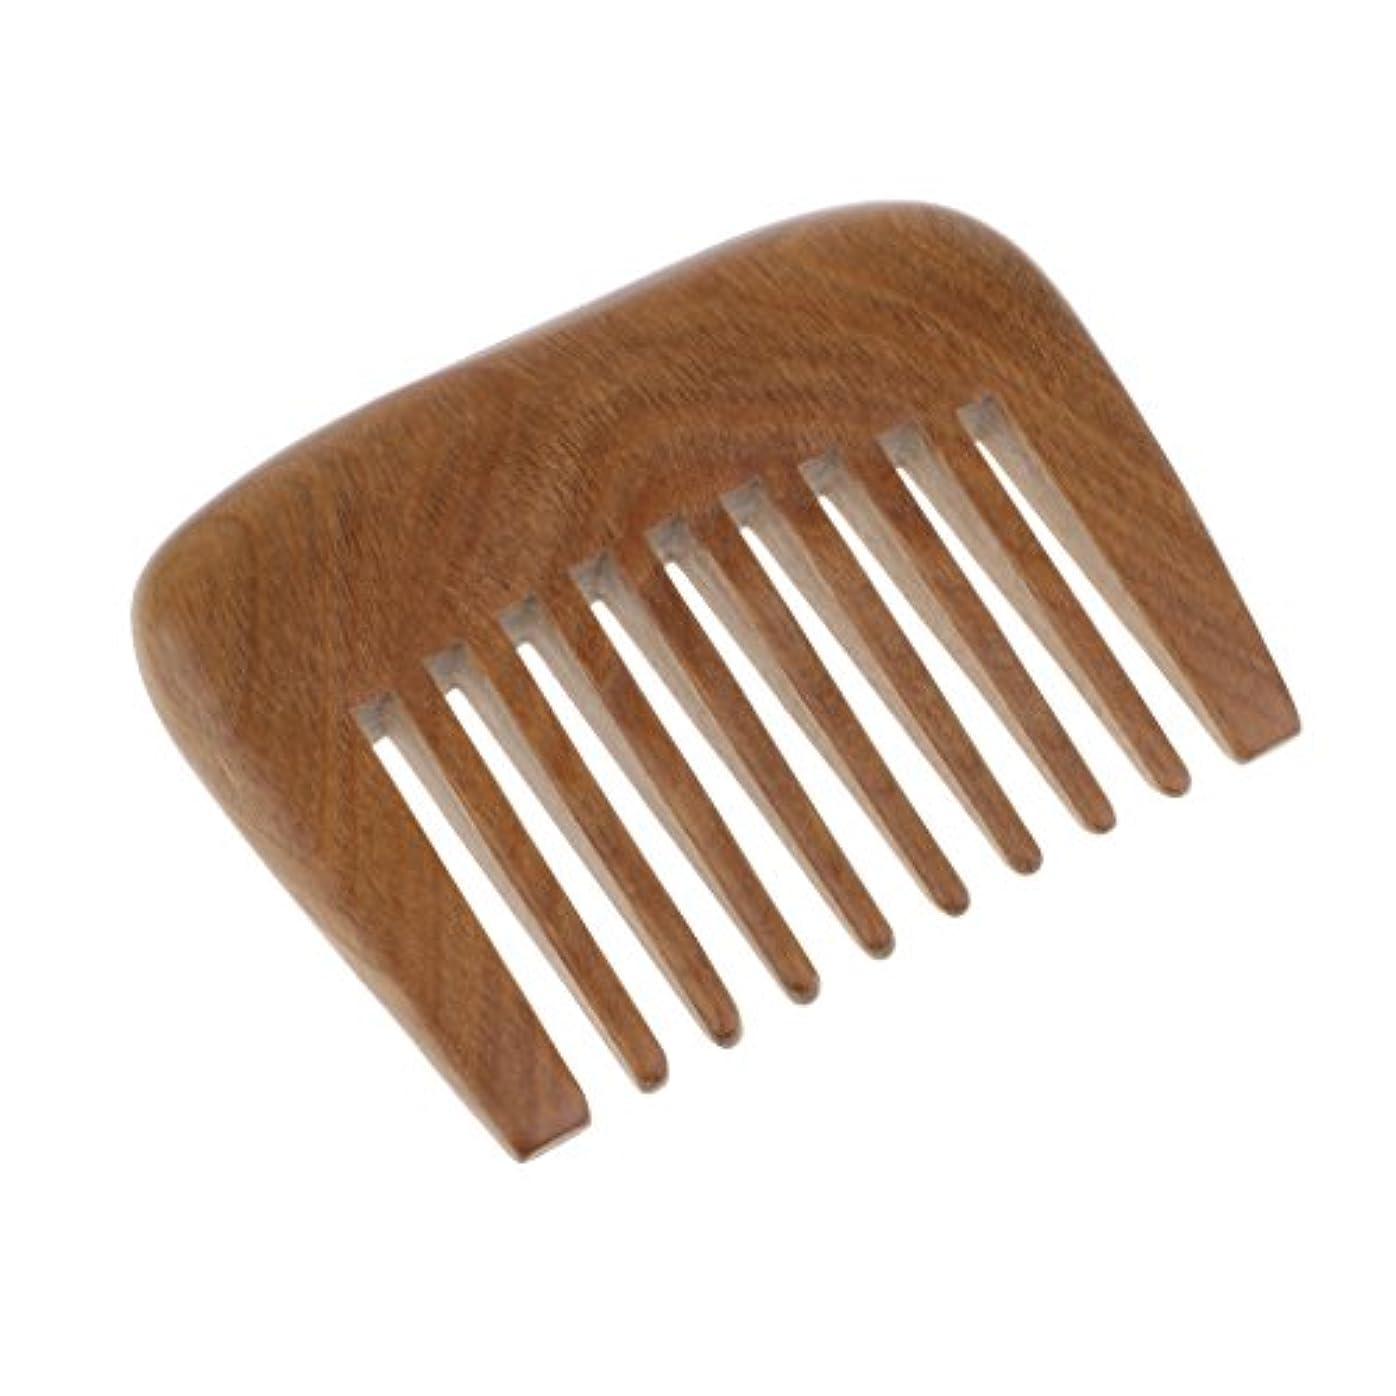 忘れるハードリング気分木の櫛ひげの櫛の広い歯の櫛のハンドメイドのビャクダンのポケット櫛